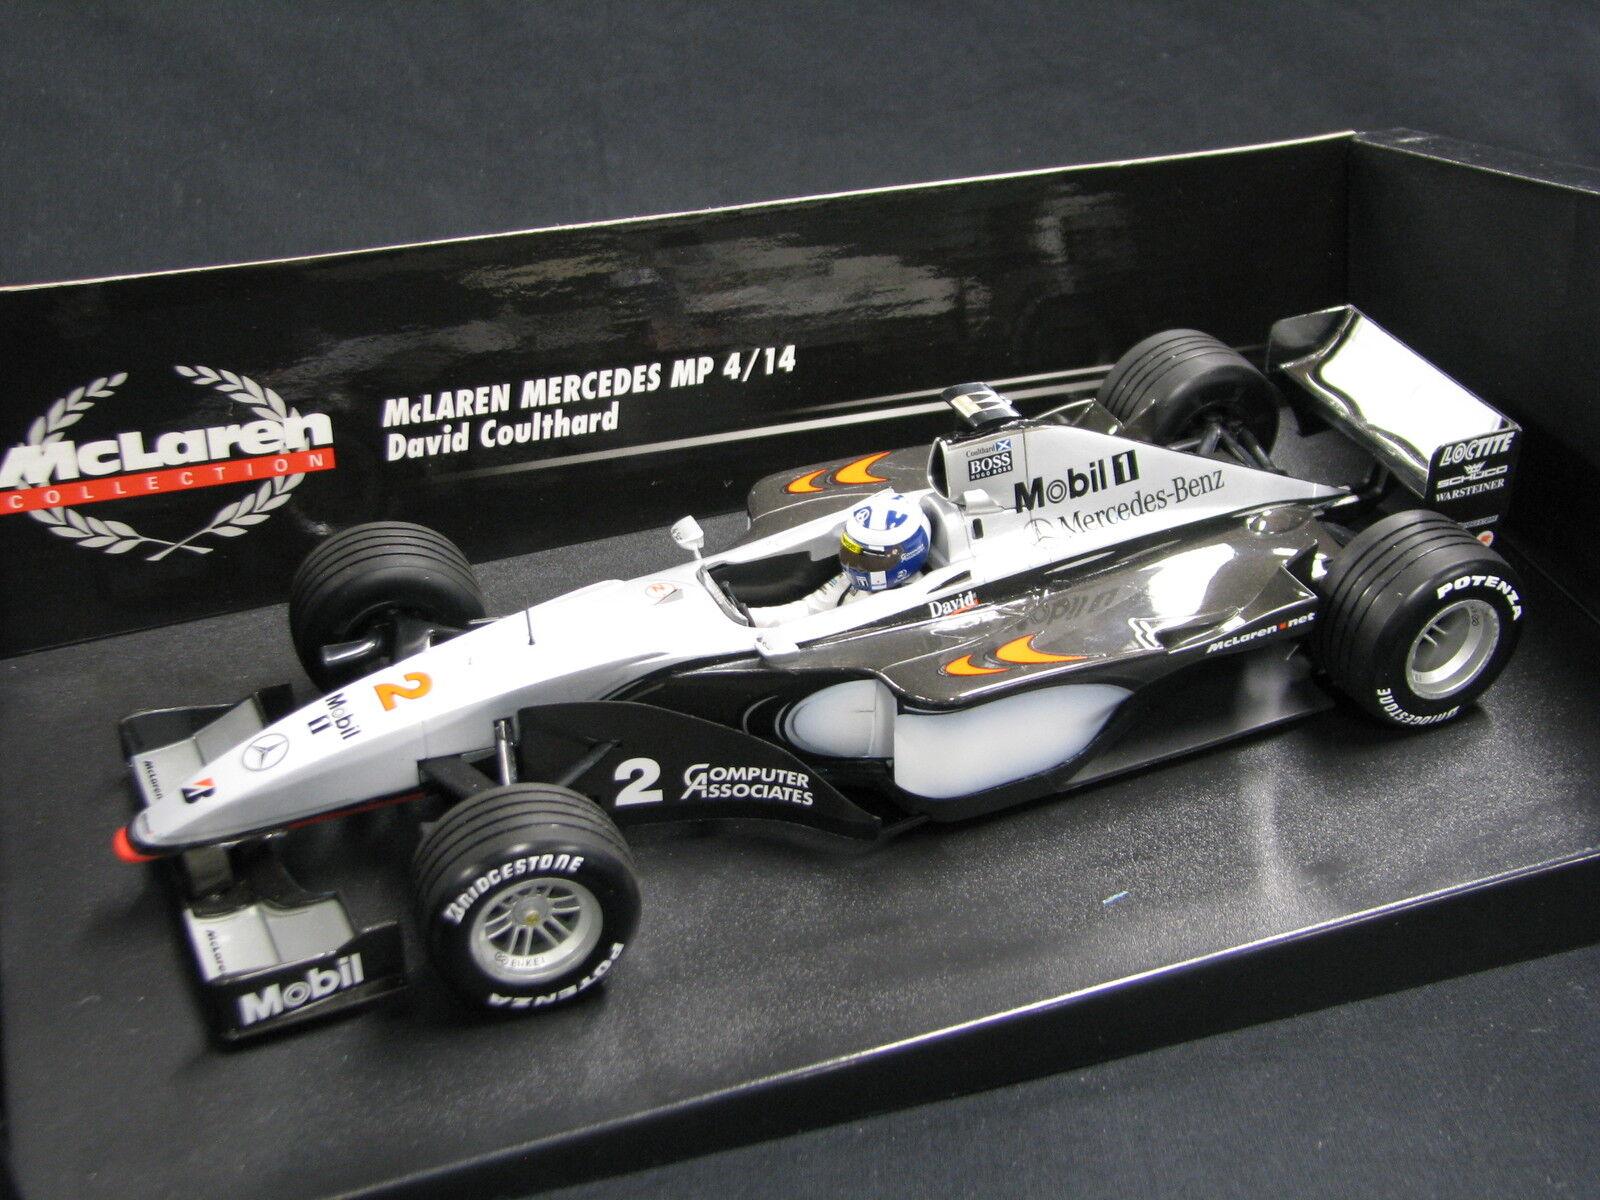 Minichamps McLaren Mercedes MP4 14 1999 1 18  2 David Coulthard (GBR) (JS) ND